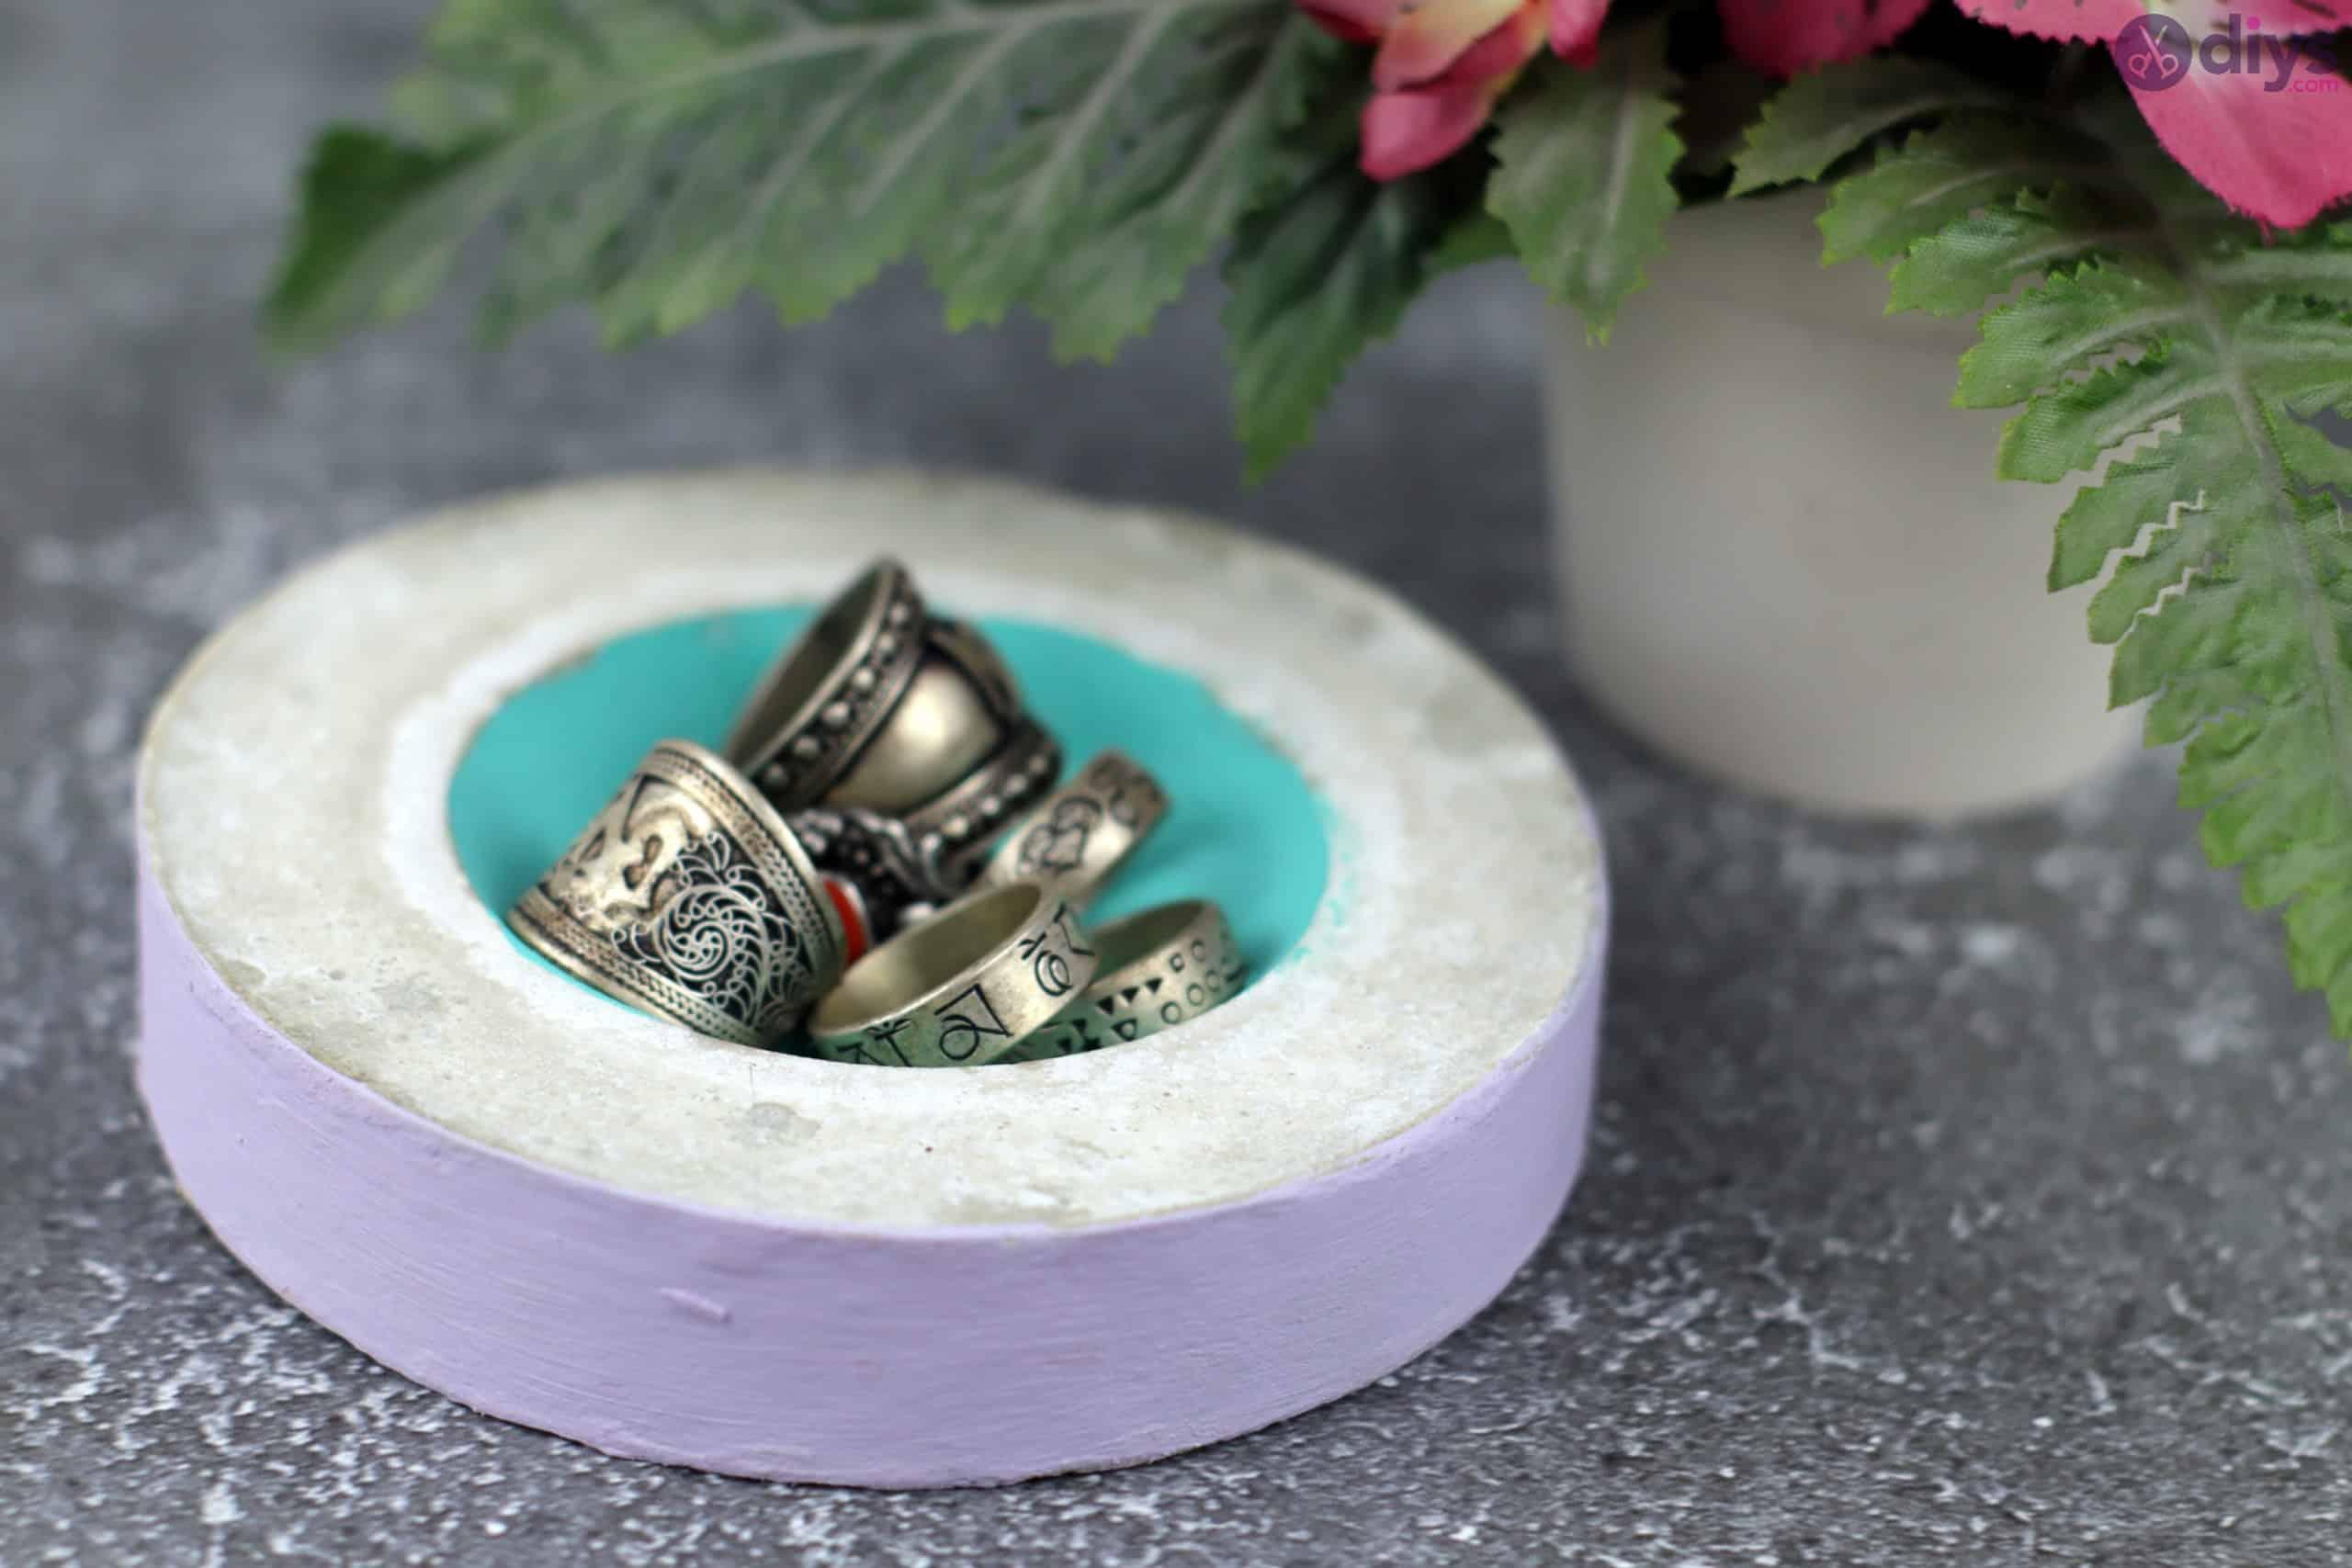 Diy concrete tiny bowl step 9g